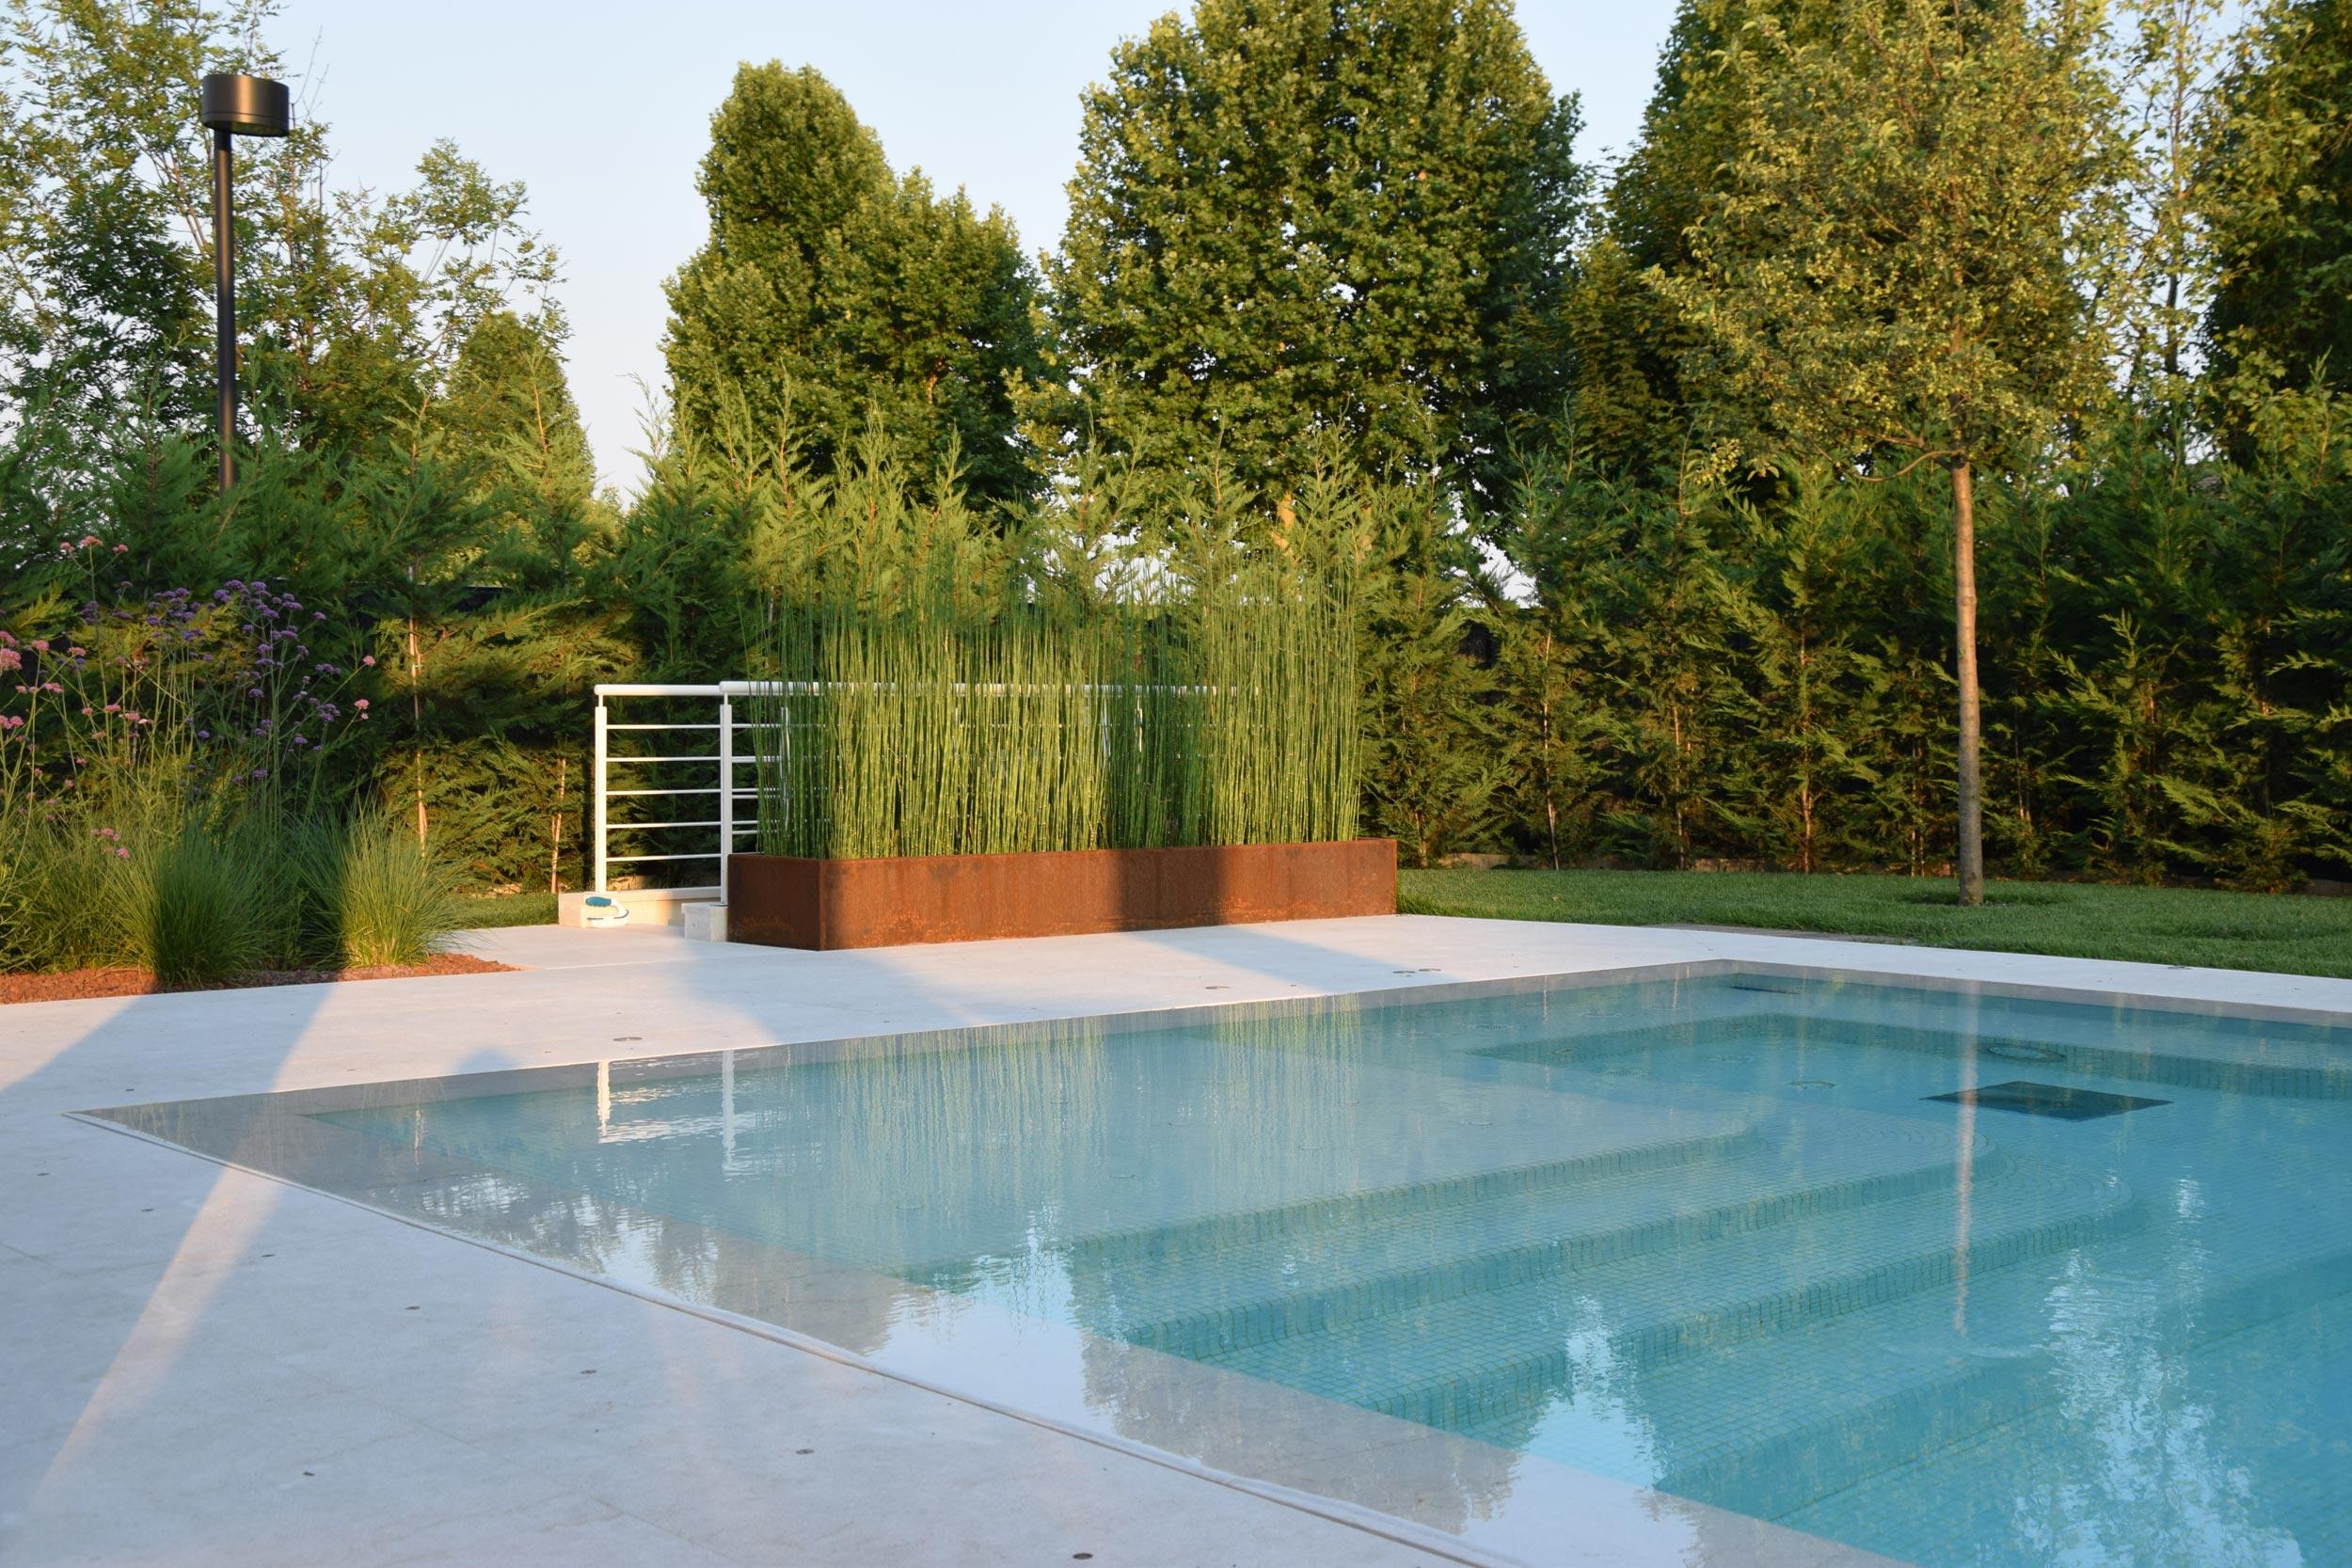 A bordo piscina progettazione giardini agronomo for Corso progettazione giardini